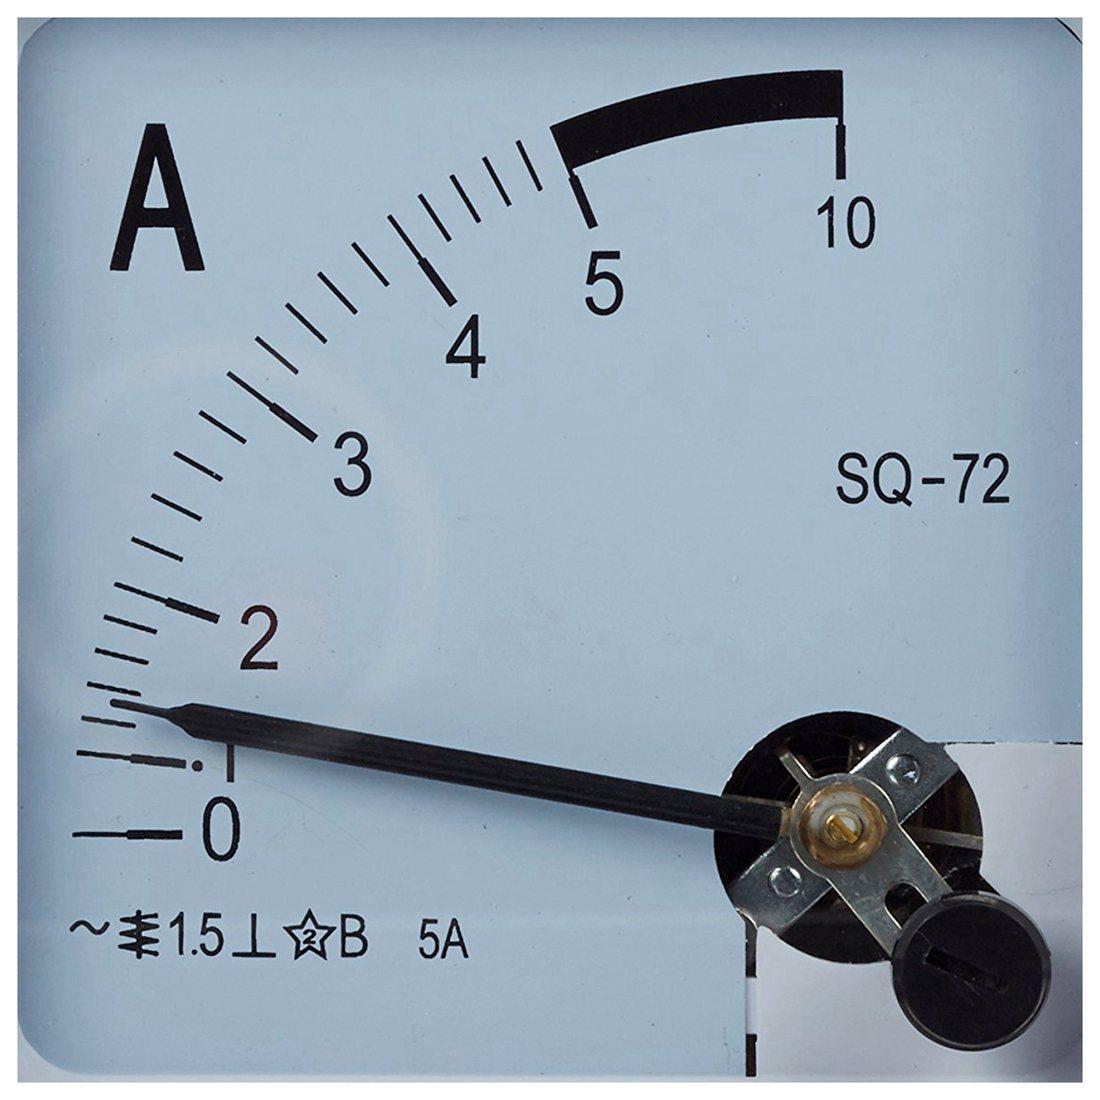 Quadratische blech montage bewegliche fluegel 0 5 a analog amperemeter ac 7 n3j5 ebay - Blech fensterbank montage ...